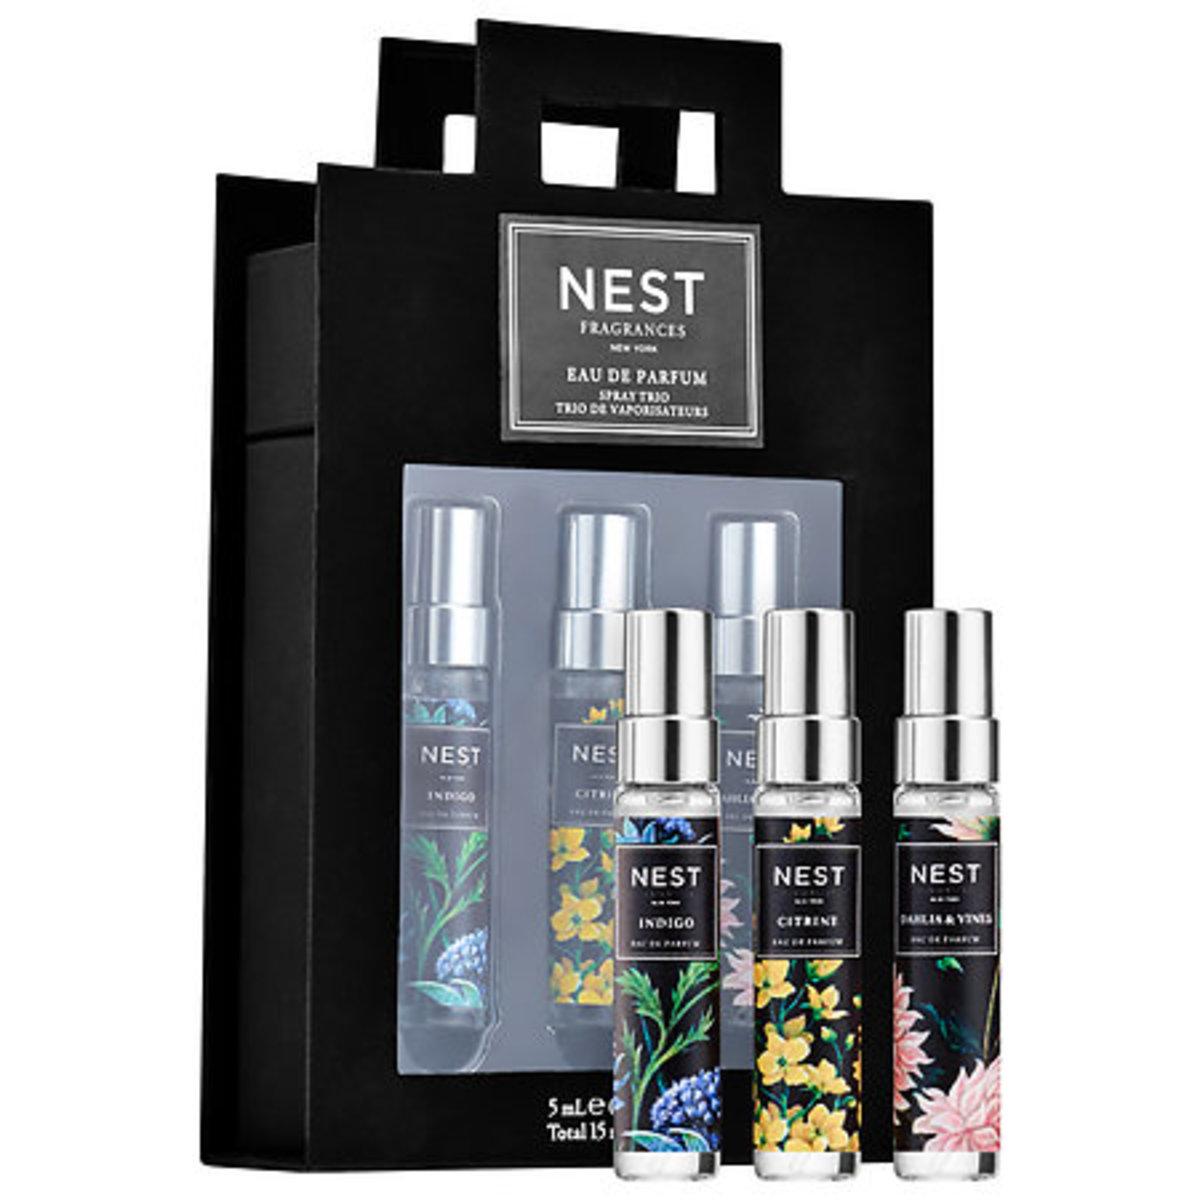 Nest Eau de Parfum Travel Spray Trio